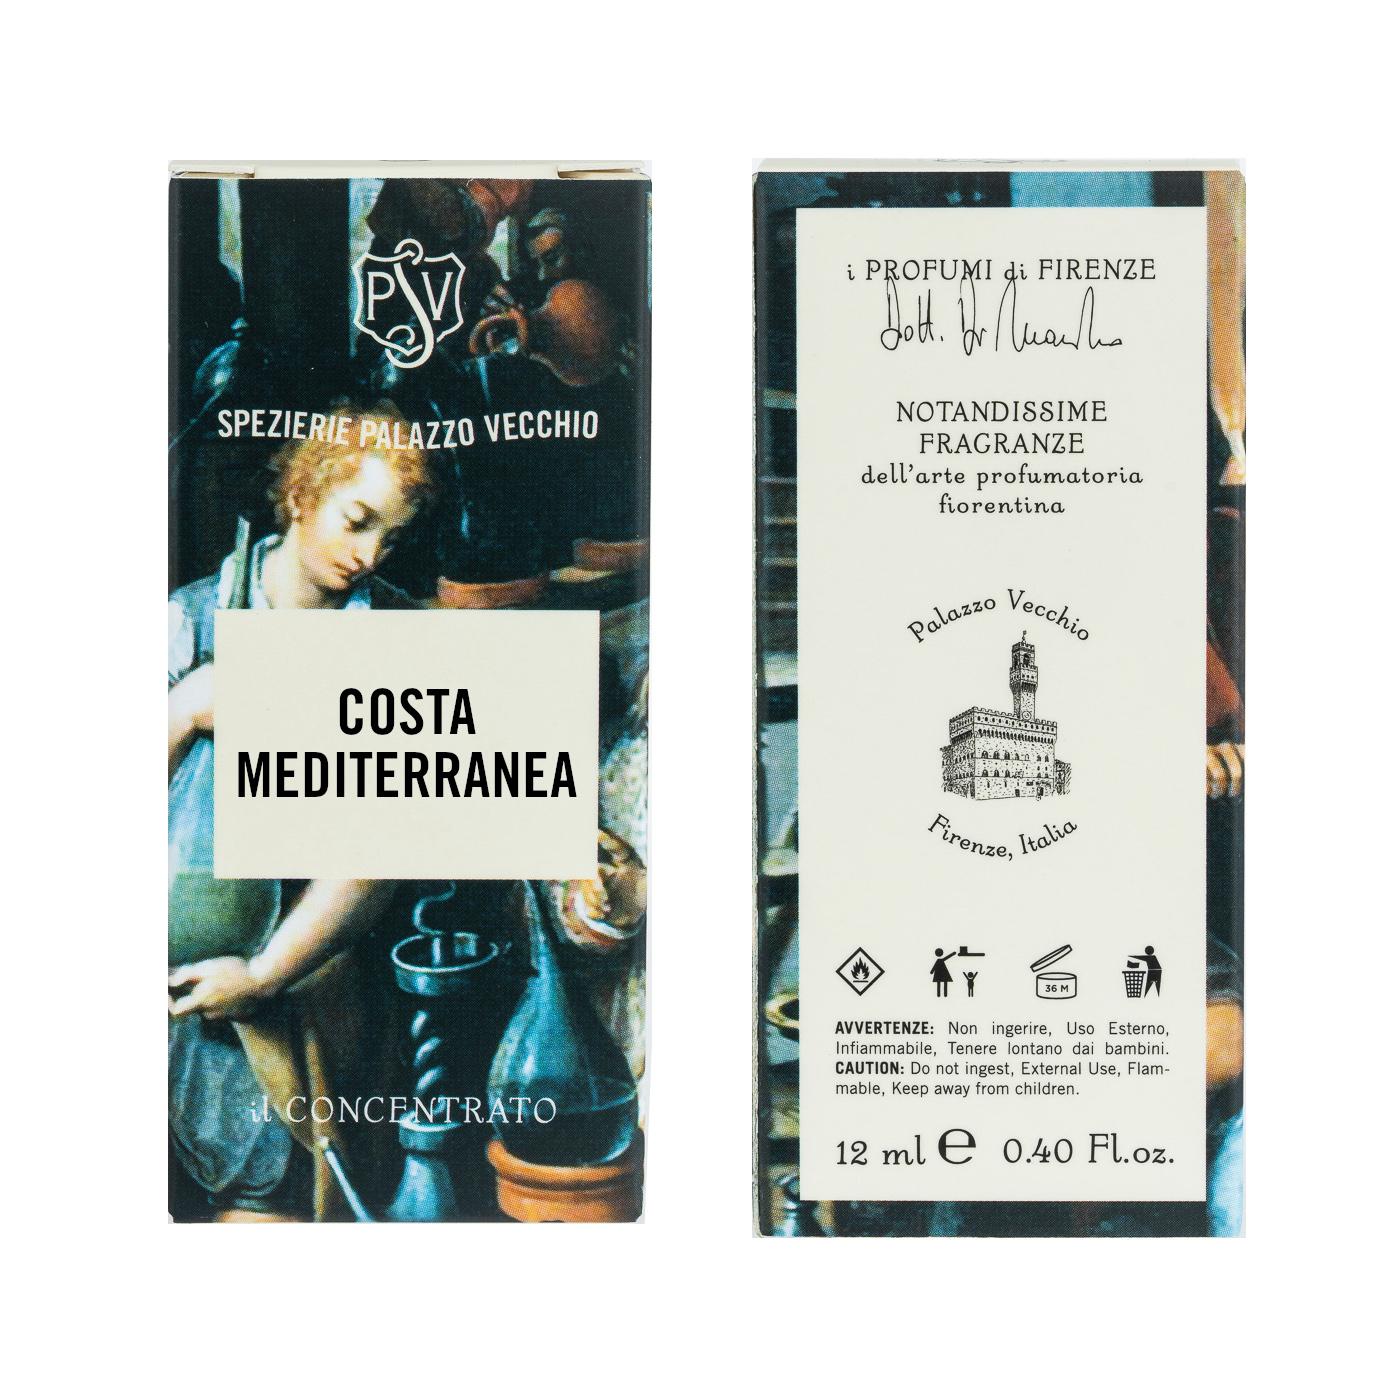 COSTA MEDITERRANEA - Il Concentrato-3887